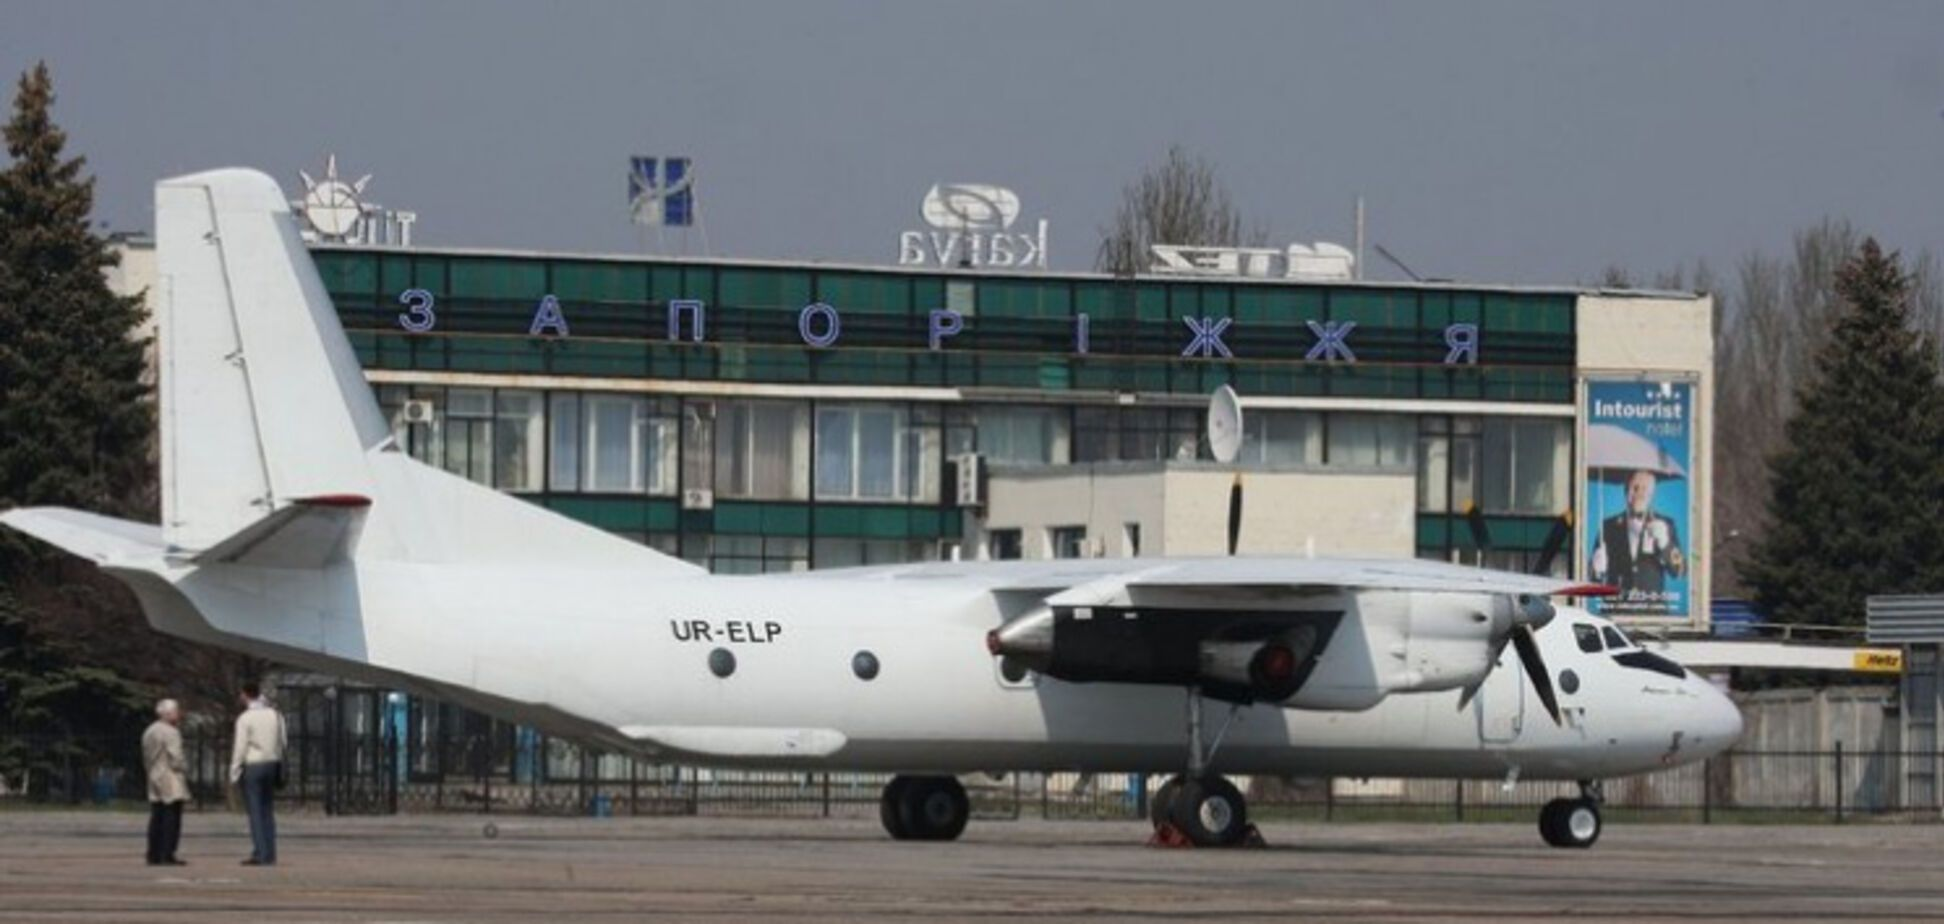 В запорожском аэропорту самолёт вышел за границы посадочной полосы